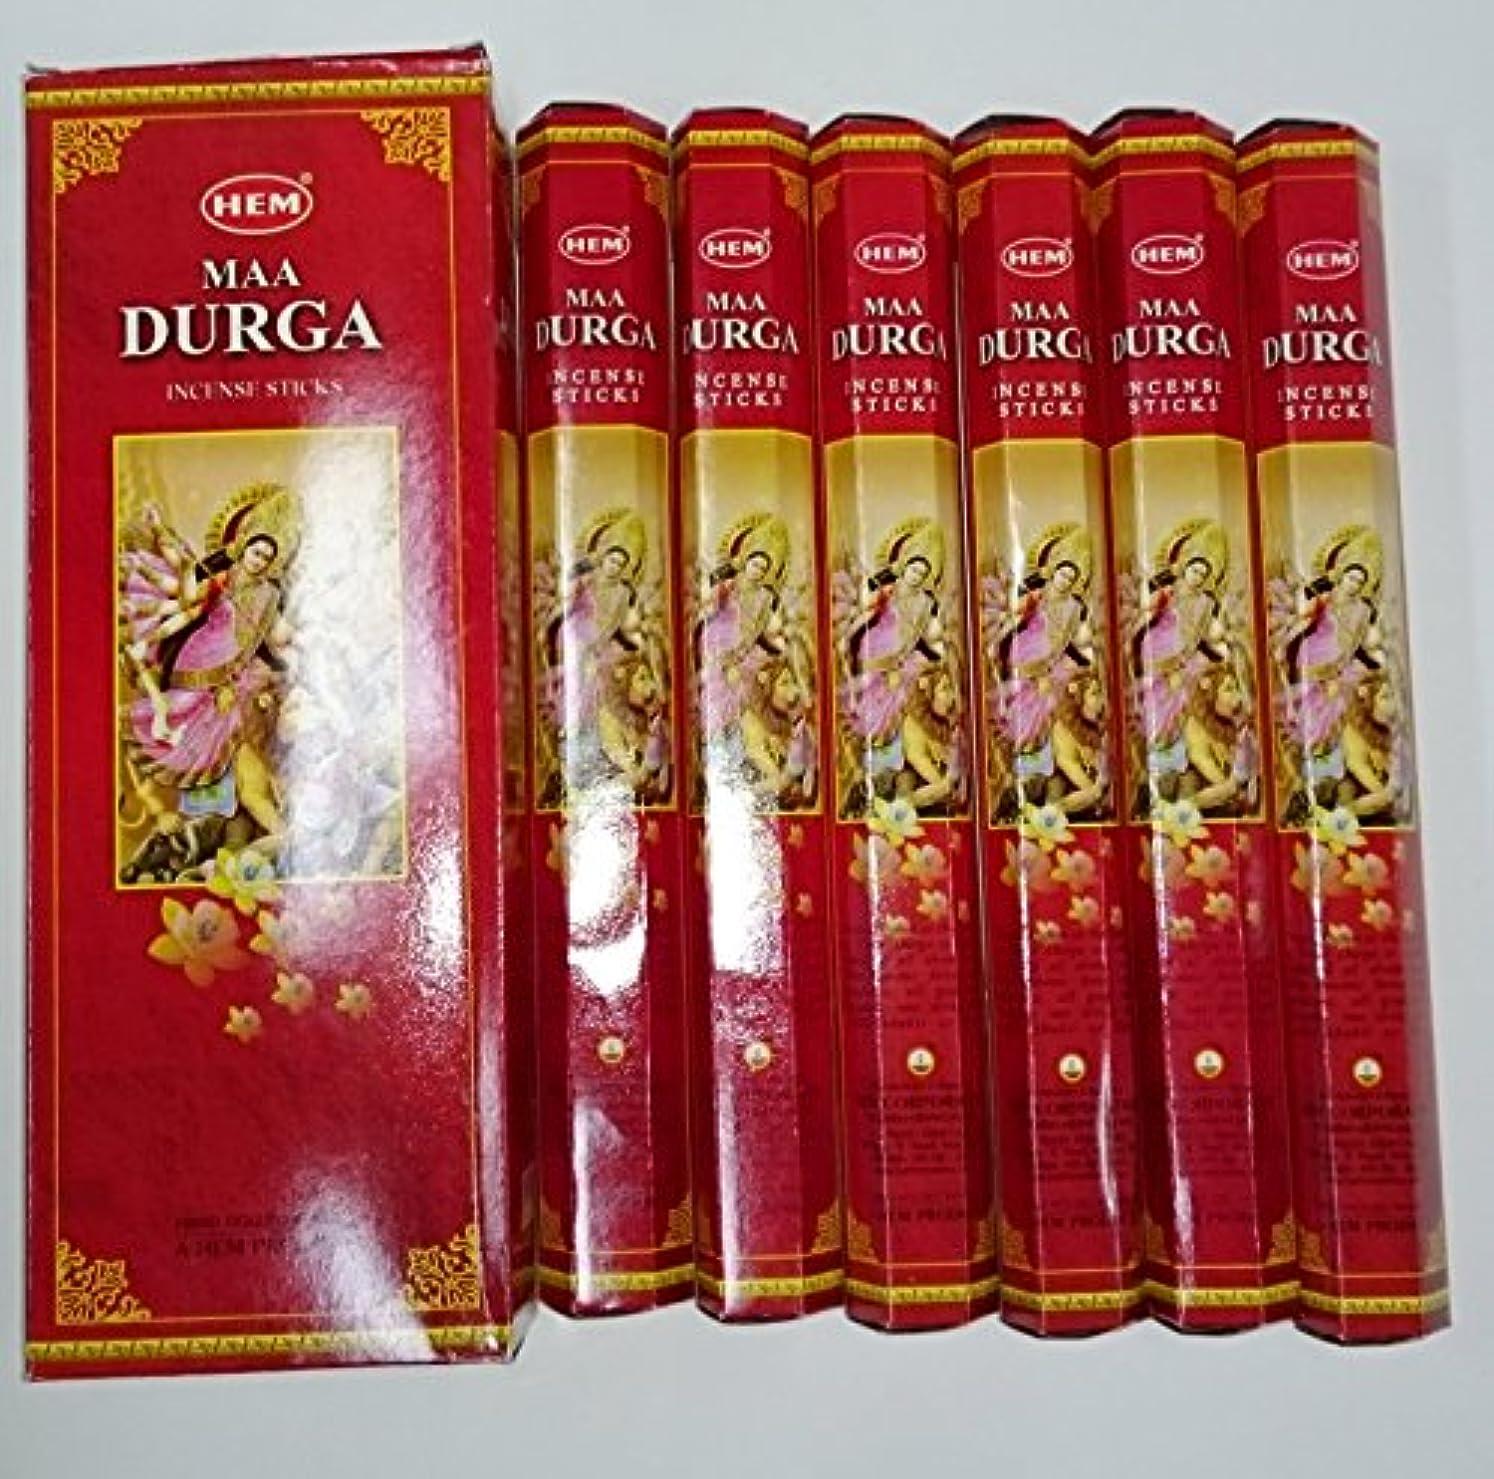 樹木屋内規制HEM(ヘム) スティックお香 六角香 ヘキサパック ドゥルガー香 6角(20本入)x6箱[並行輸入品]DURGA